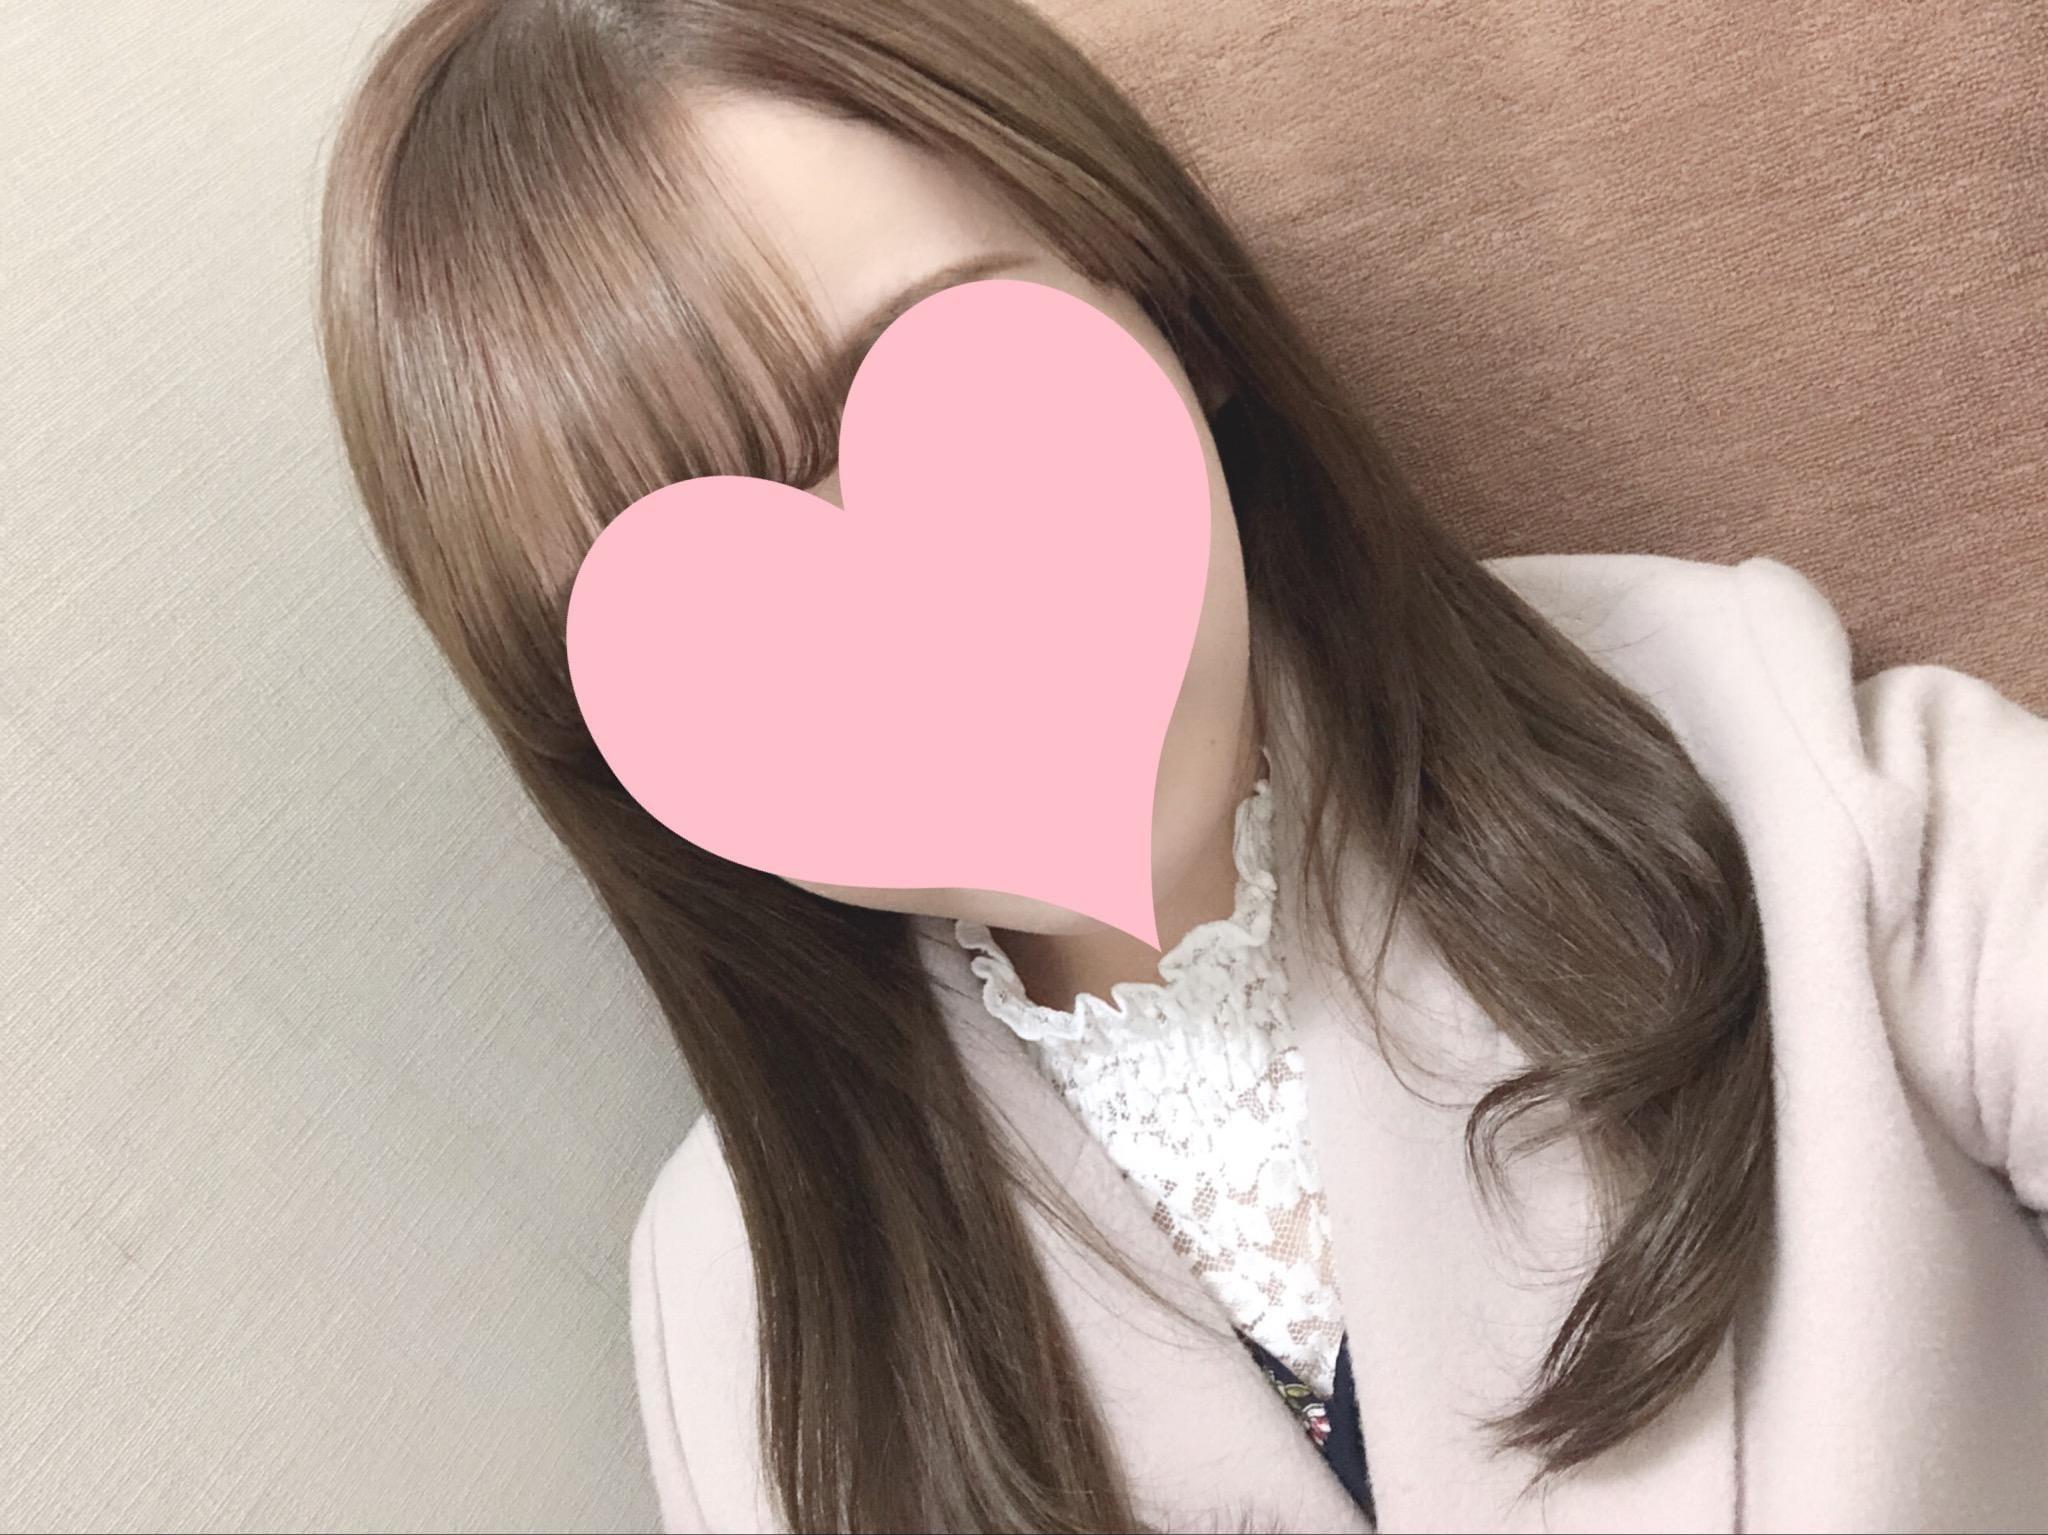 「こんにちは♪」01/09(01/09) 14:51 | はるかの写メ・風俗動画